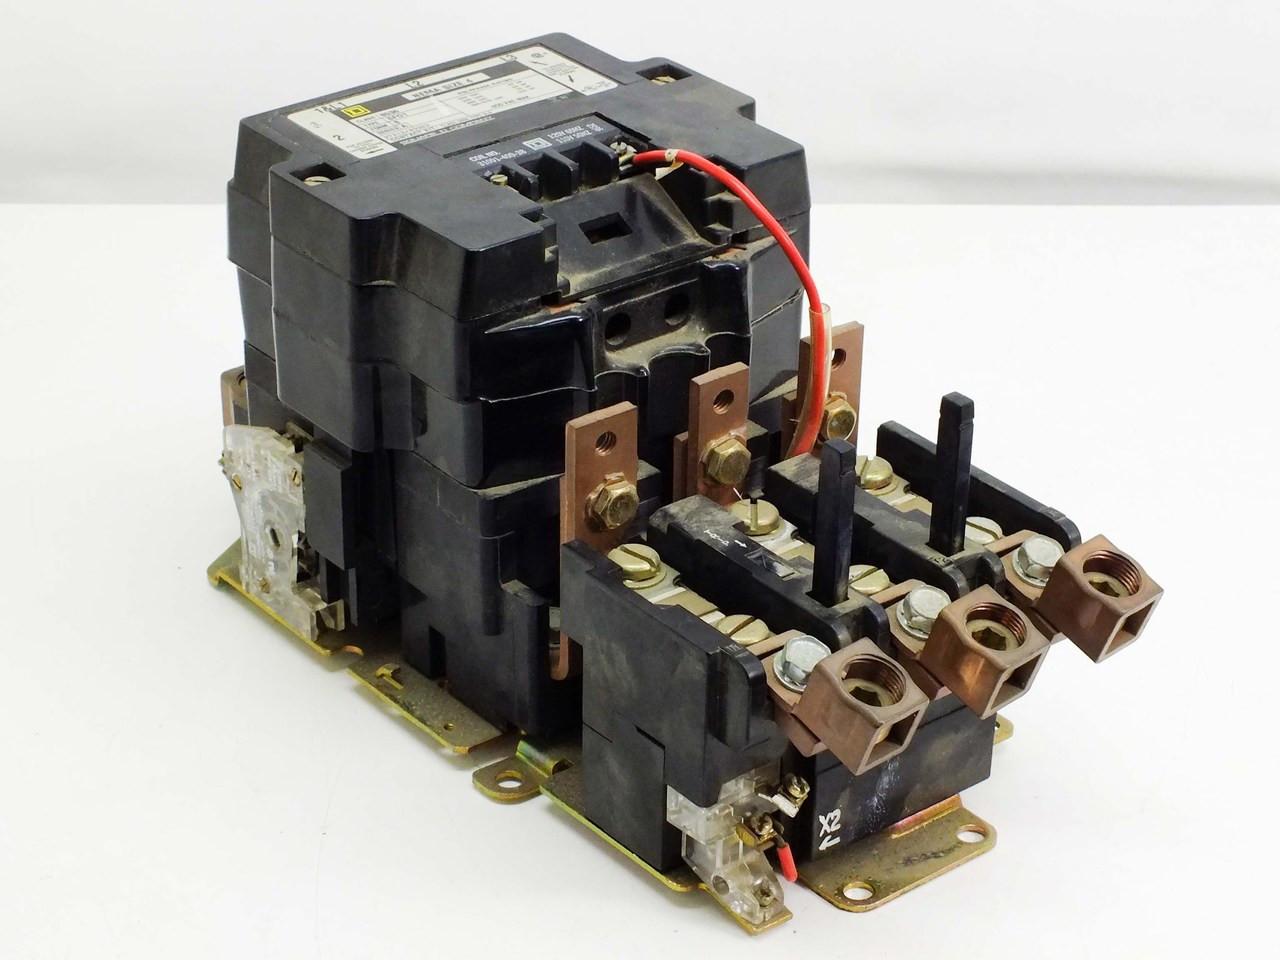 honda cb400 4 wiring diagram 1997 ford thunderbird square d motor starter size chart - impremedia.net